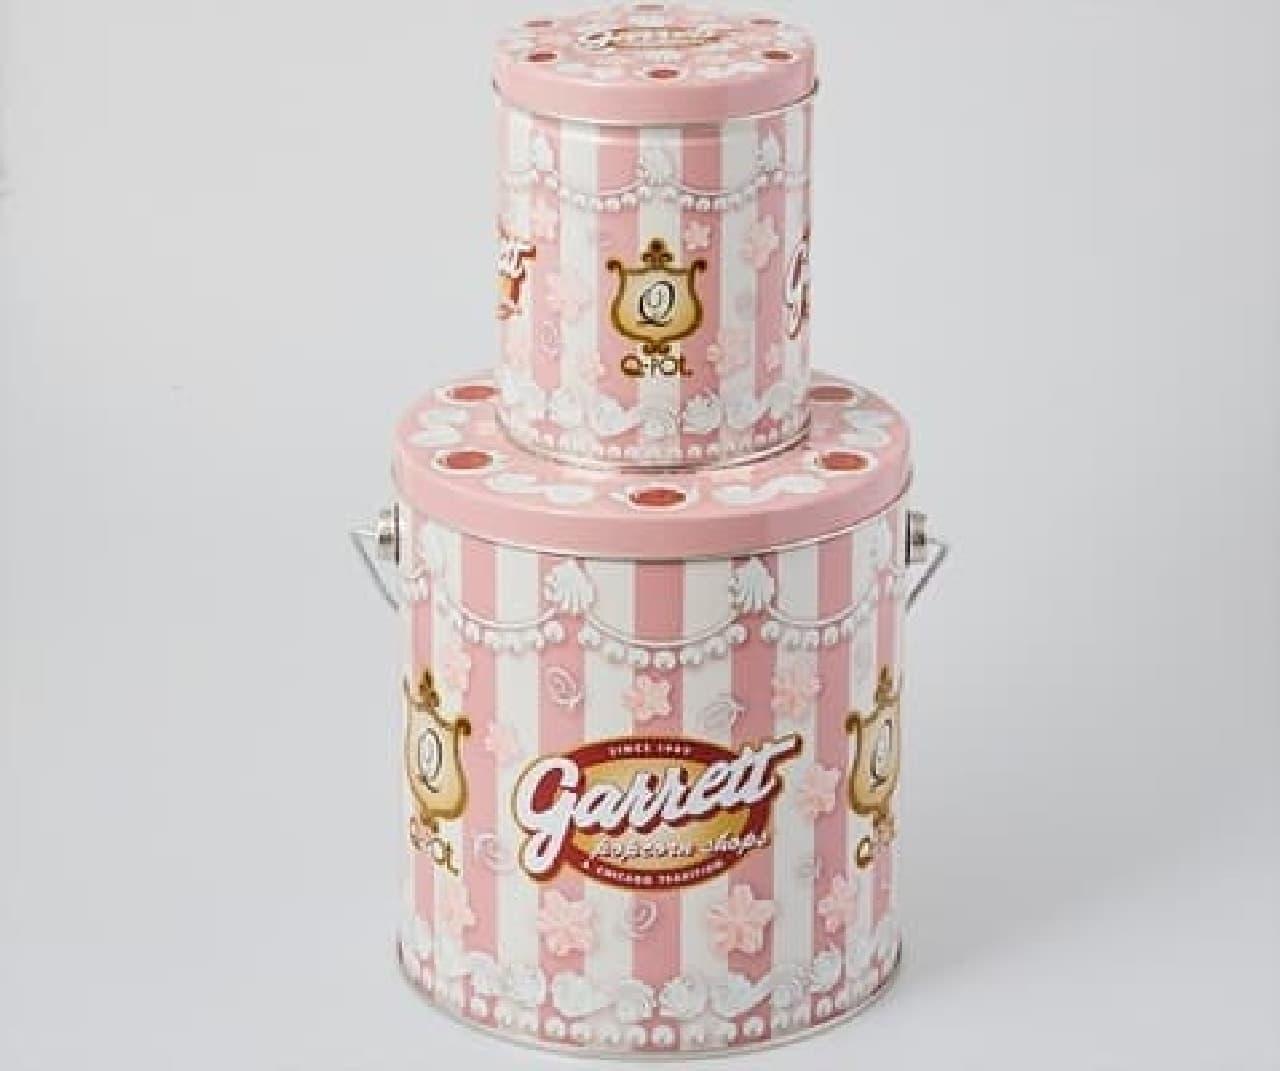 上がクォート缶、舌が1ガロン缶